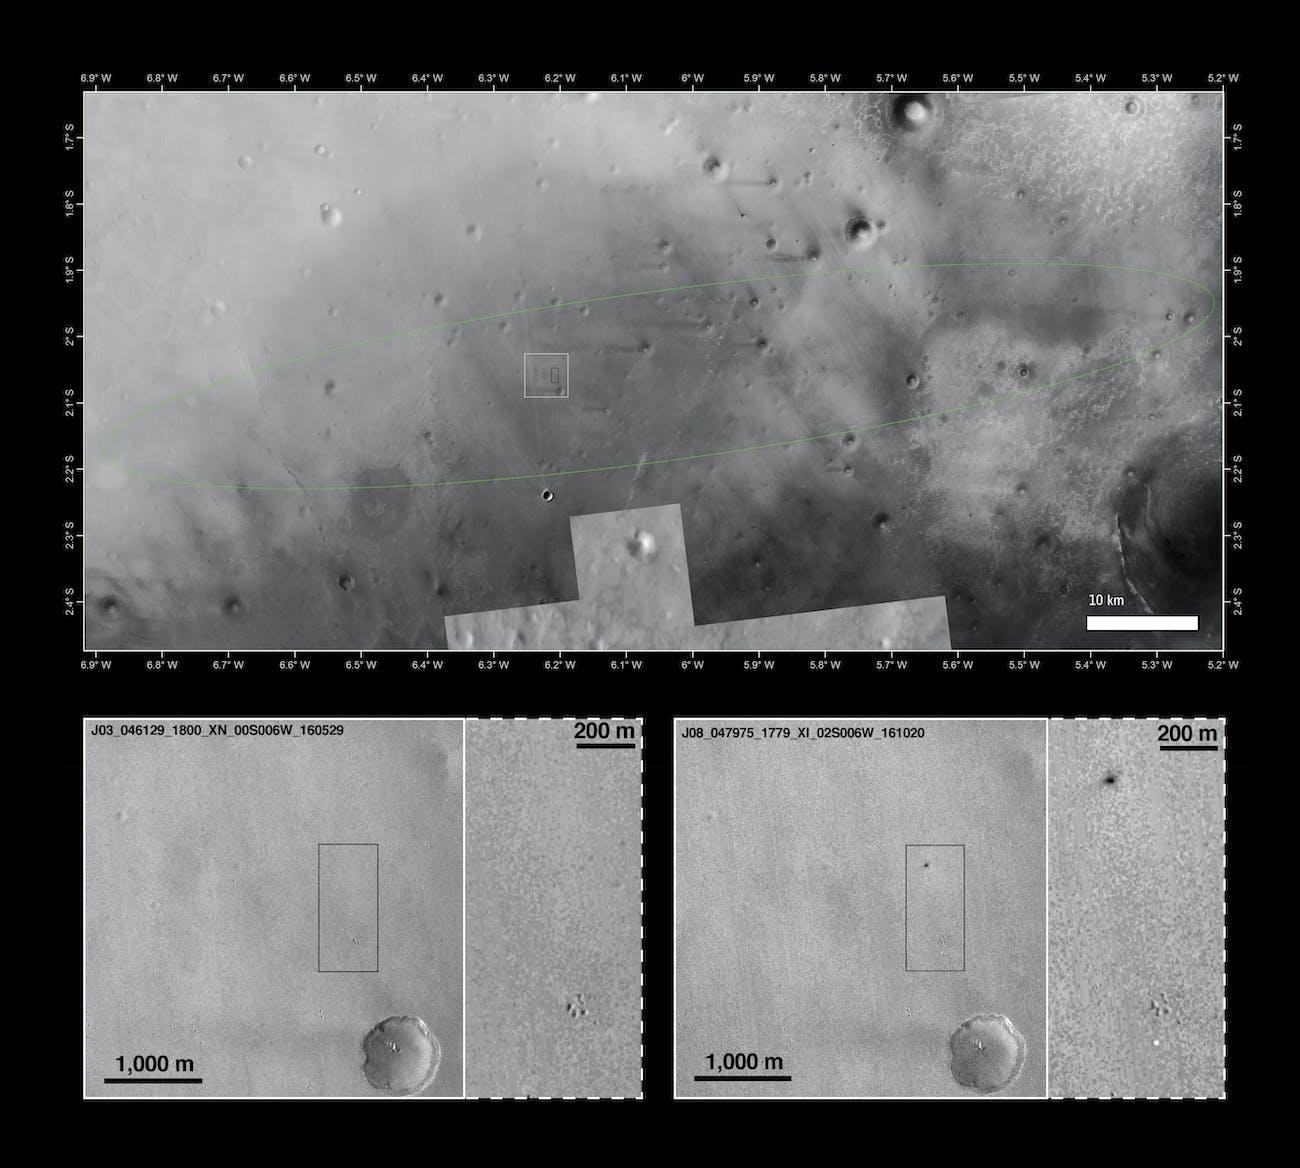 schiaparelli landing site